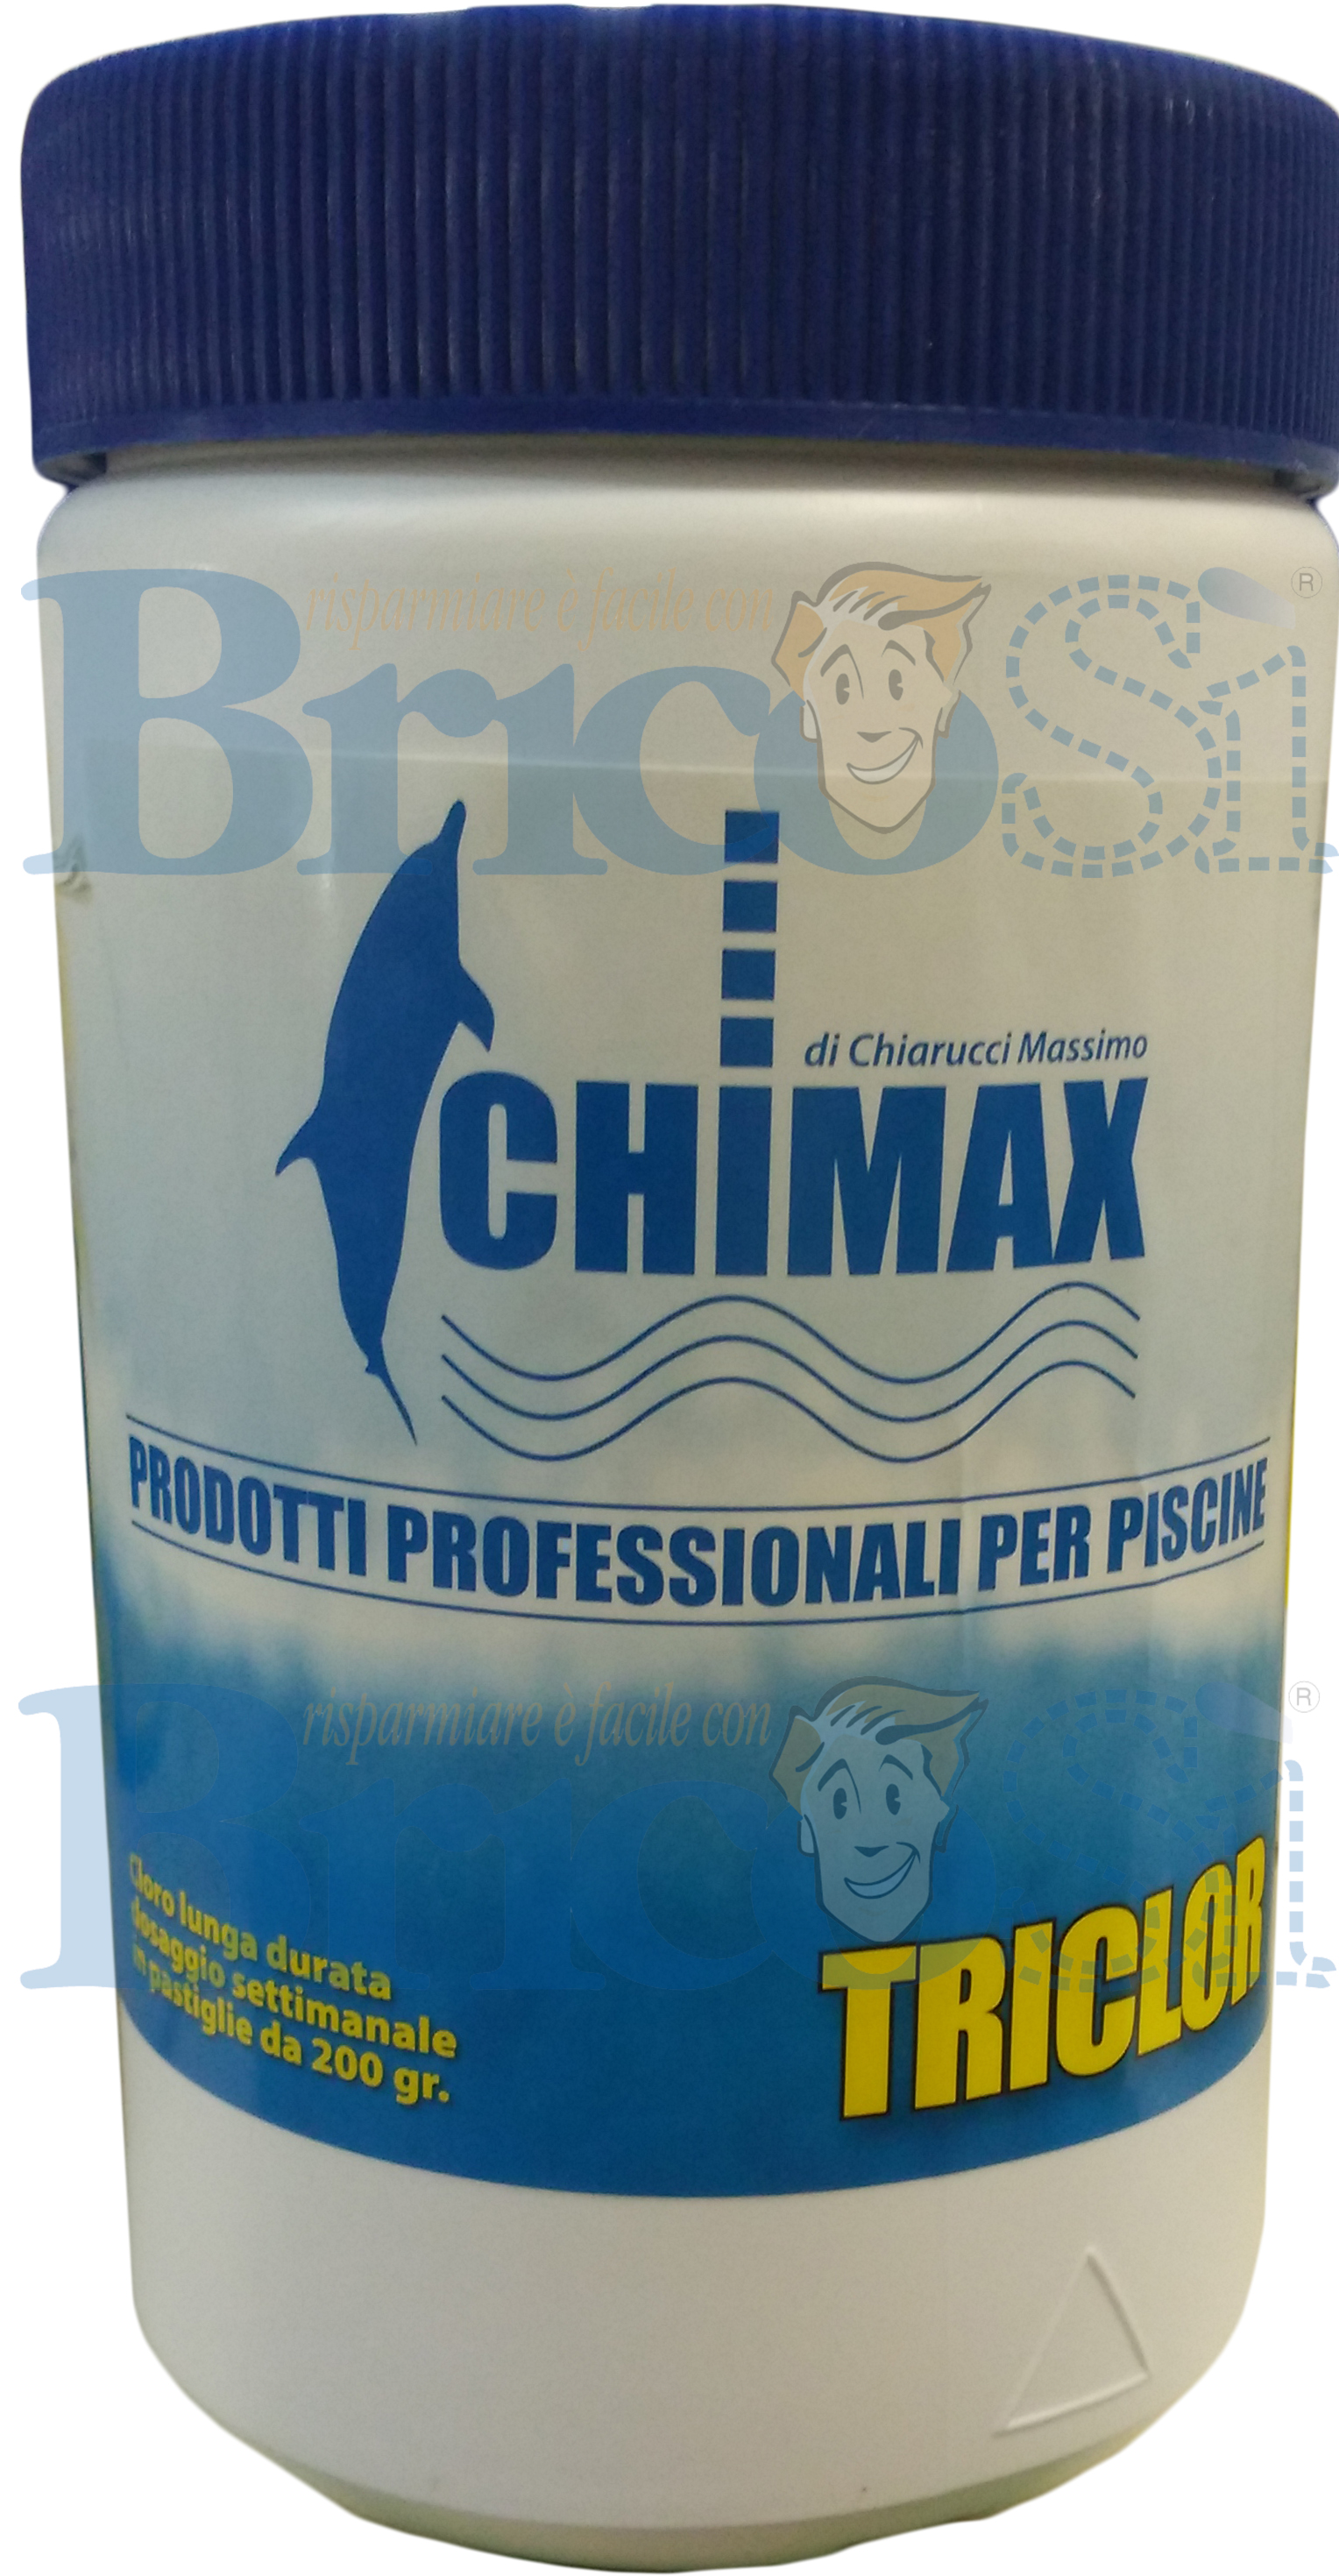 Pastiglie pasticche tricloro lenta dissoluzione cloro - Pastiglie piscina ...